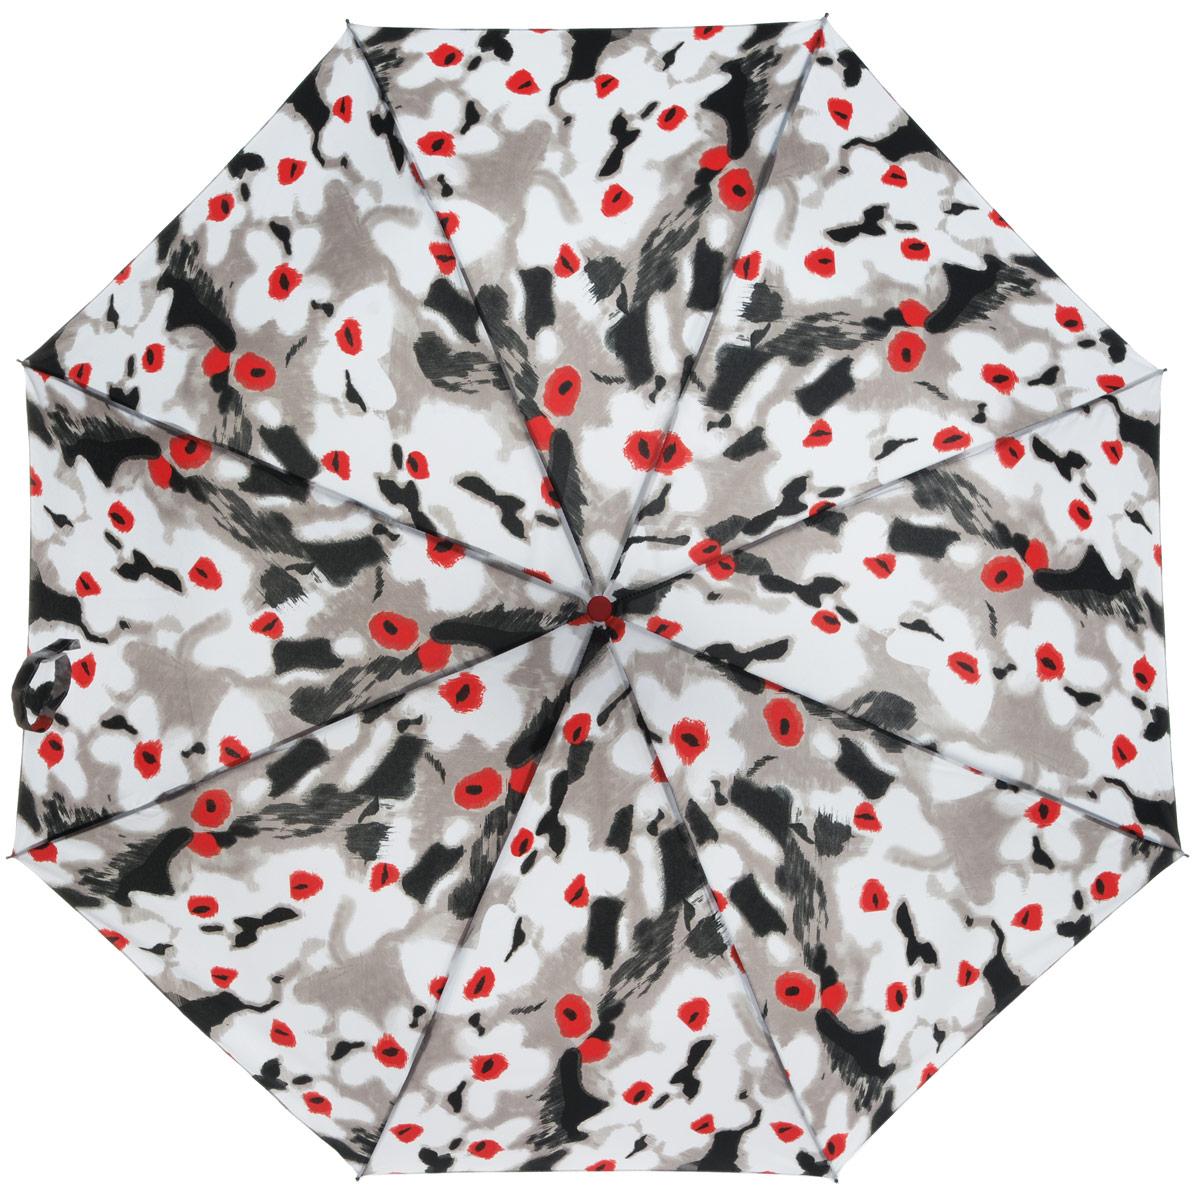 Зонт женский Labbra, автомат, 3 сложения, цвет: белый, черный . A3-05-012A3-05-012Яркий зонт Labbra не оставит вас незамеченной. Зонт оформлен оригинальным принтом. Зонт состоит из восьми спиц и стержня, изготовленных из стали и фибергласса. Купол выполнен из качественного полиэстера и эпонжа, которые не пропускают воду. Зонт дополнен удобной ручкой из пластика. Зонт имеет автоматический механизм сложения: купол открывается и закрывается нажатием кнопки на ручке, стержень складывается вручную до характерного щелчка, благодаря чему открыть и закрыть зонт можно одной рукой. Ручка дополнена петлей, благодаря которой зонт можно носить на запястье . К зонту прилагается чехол. Удобный и практичный аксессуар даже в ненастную погоду позволит вам оставаться стильной и элегантной.